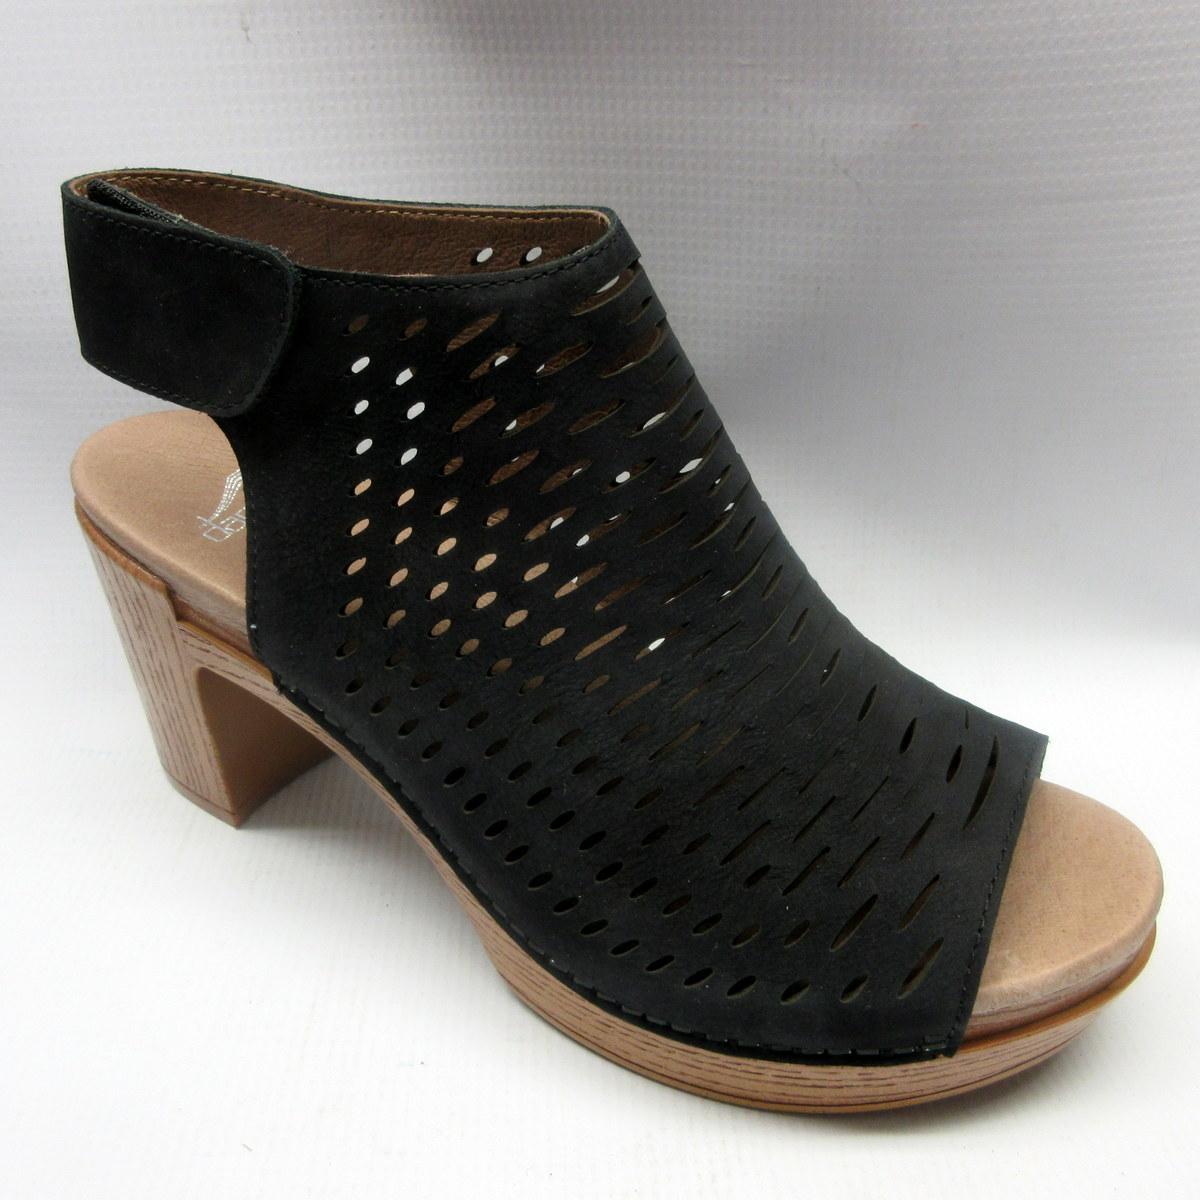 Dansko Sandals Women Danae in Black